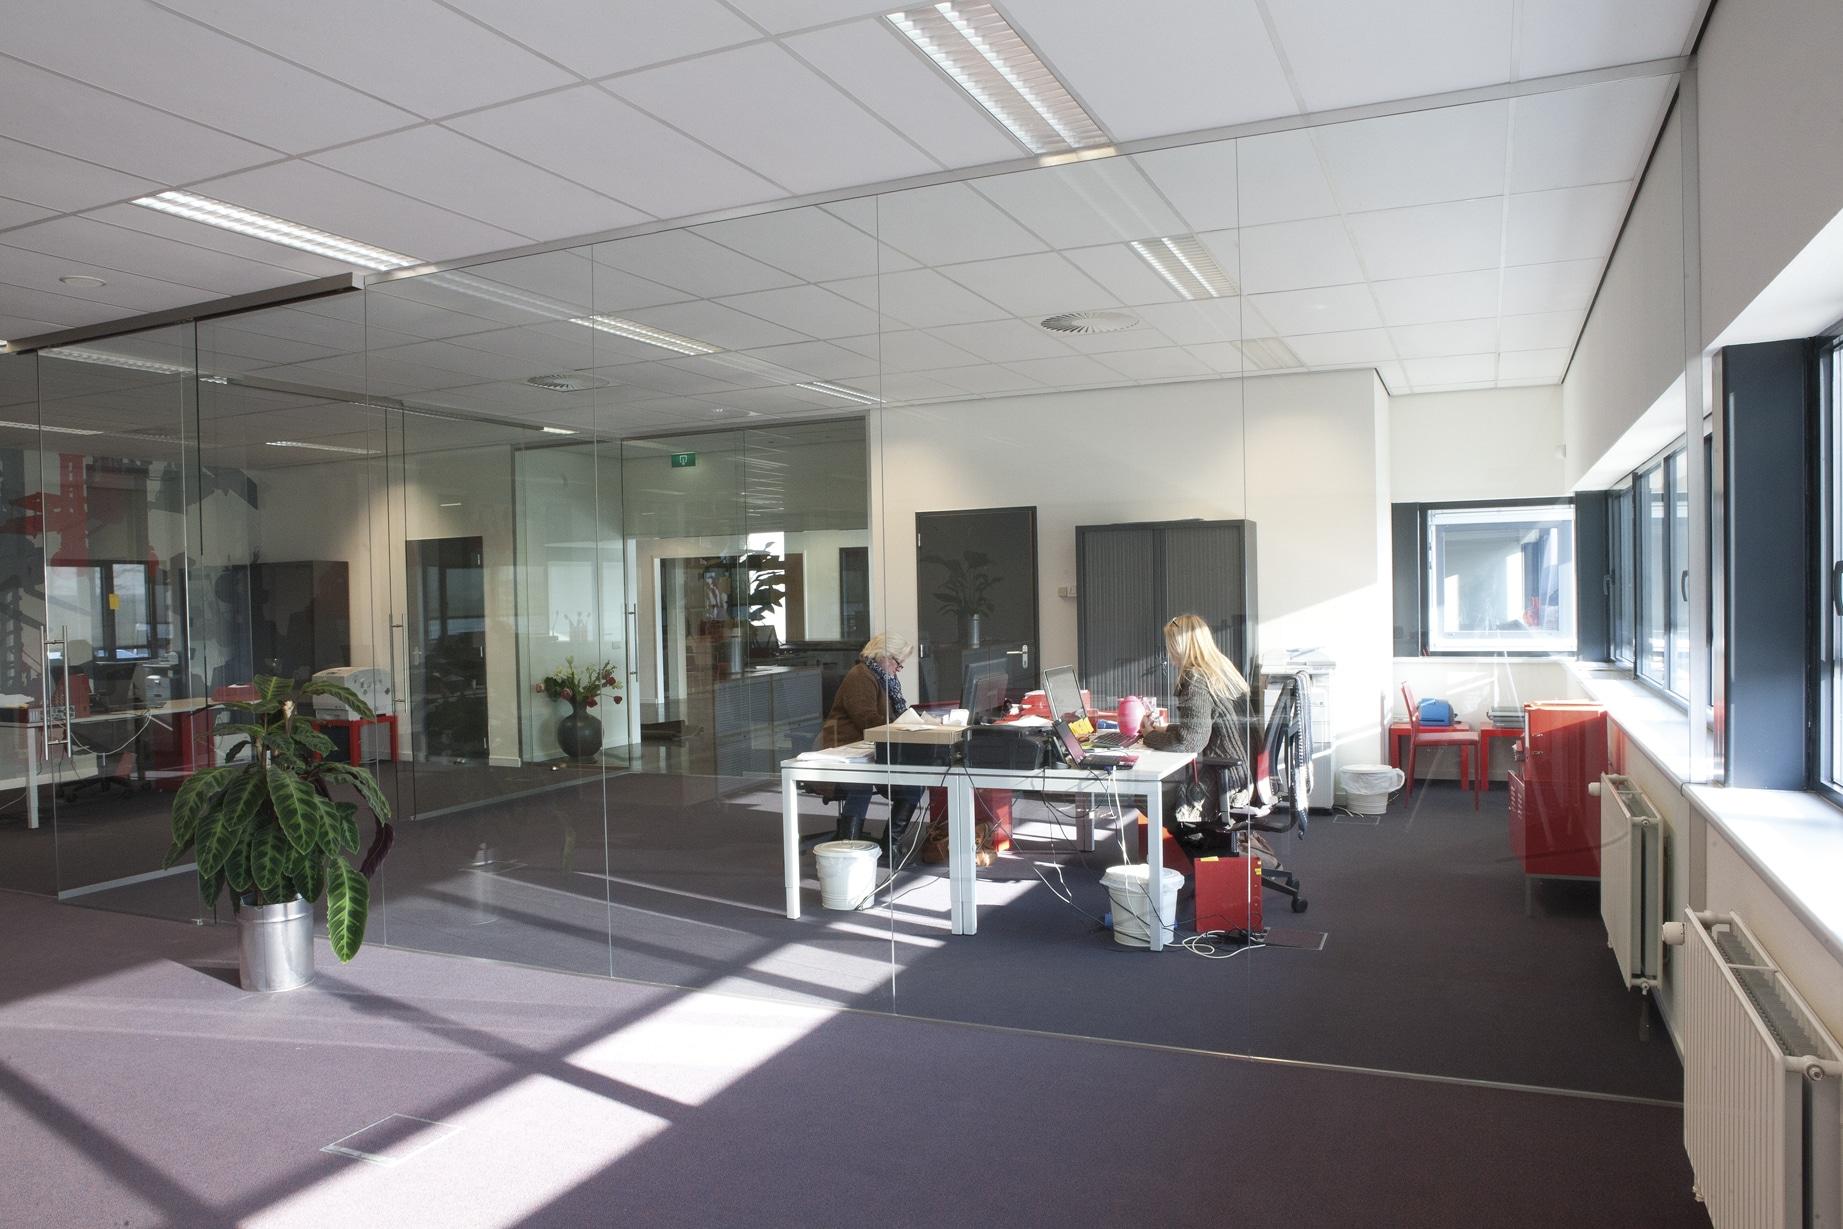 Scheidingswand in kantoor van glas